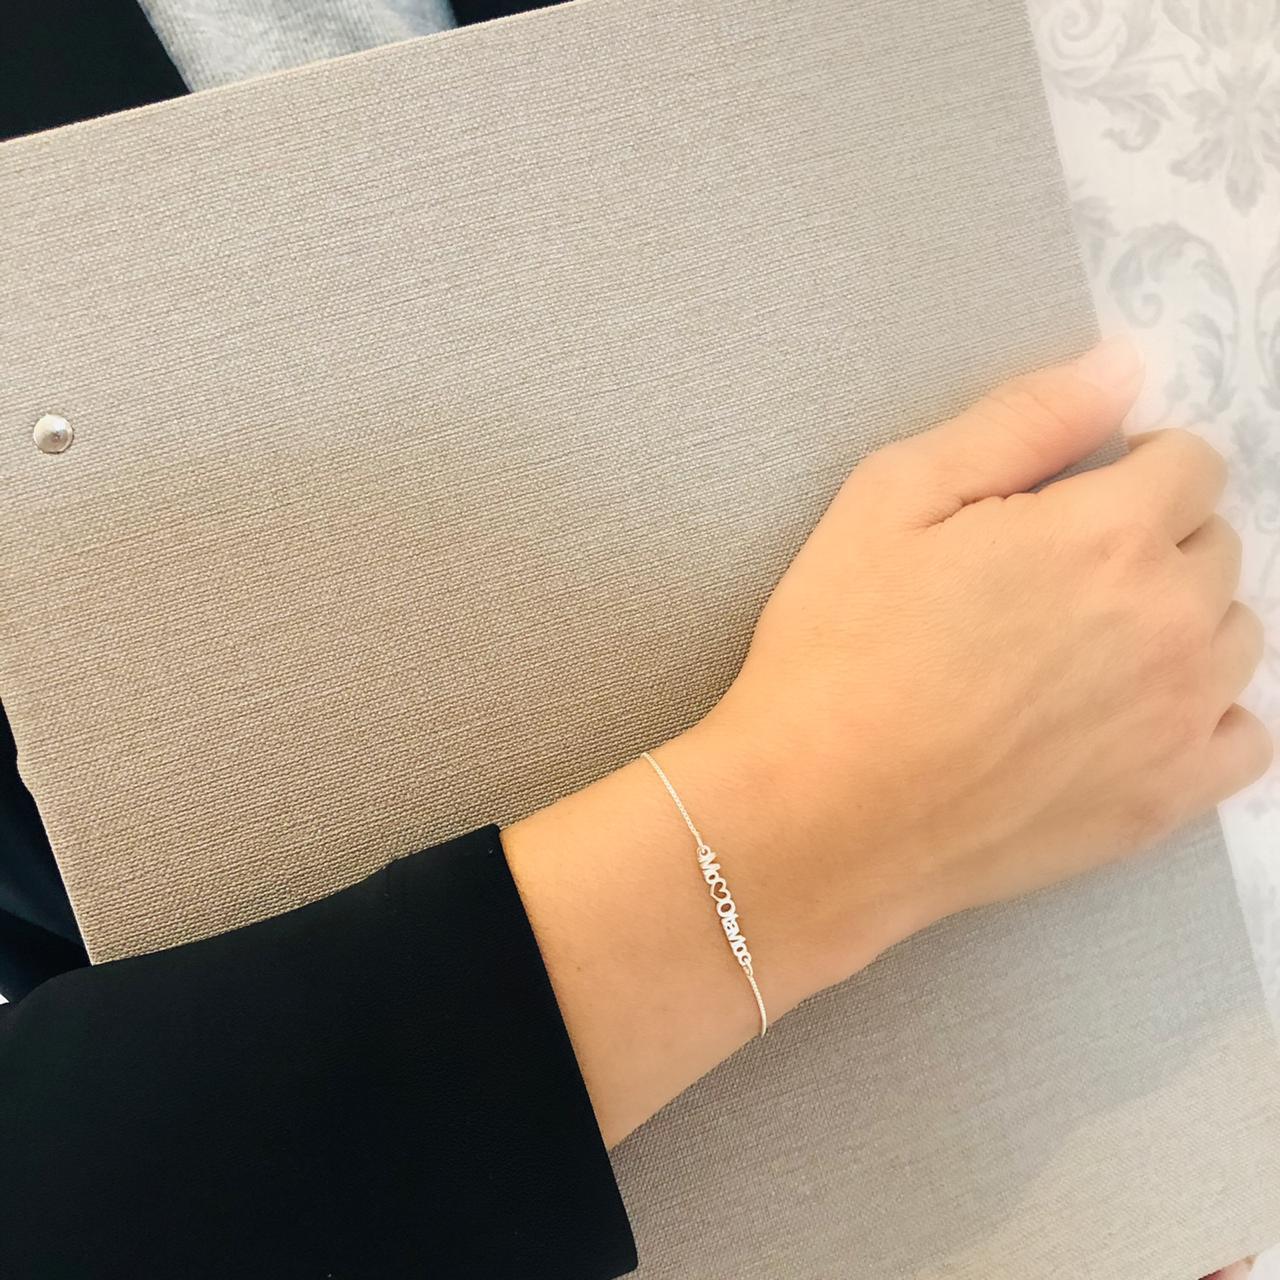 Pulseira Feminina Manuscrita a laser, com corações nas laterais, Prata 925